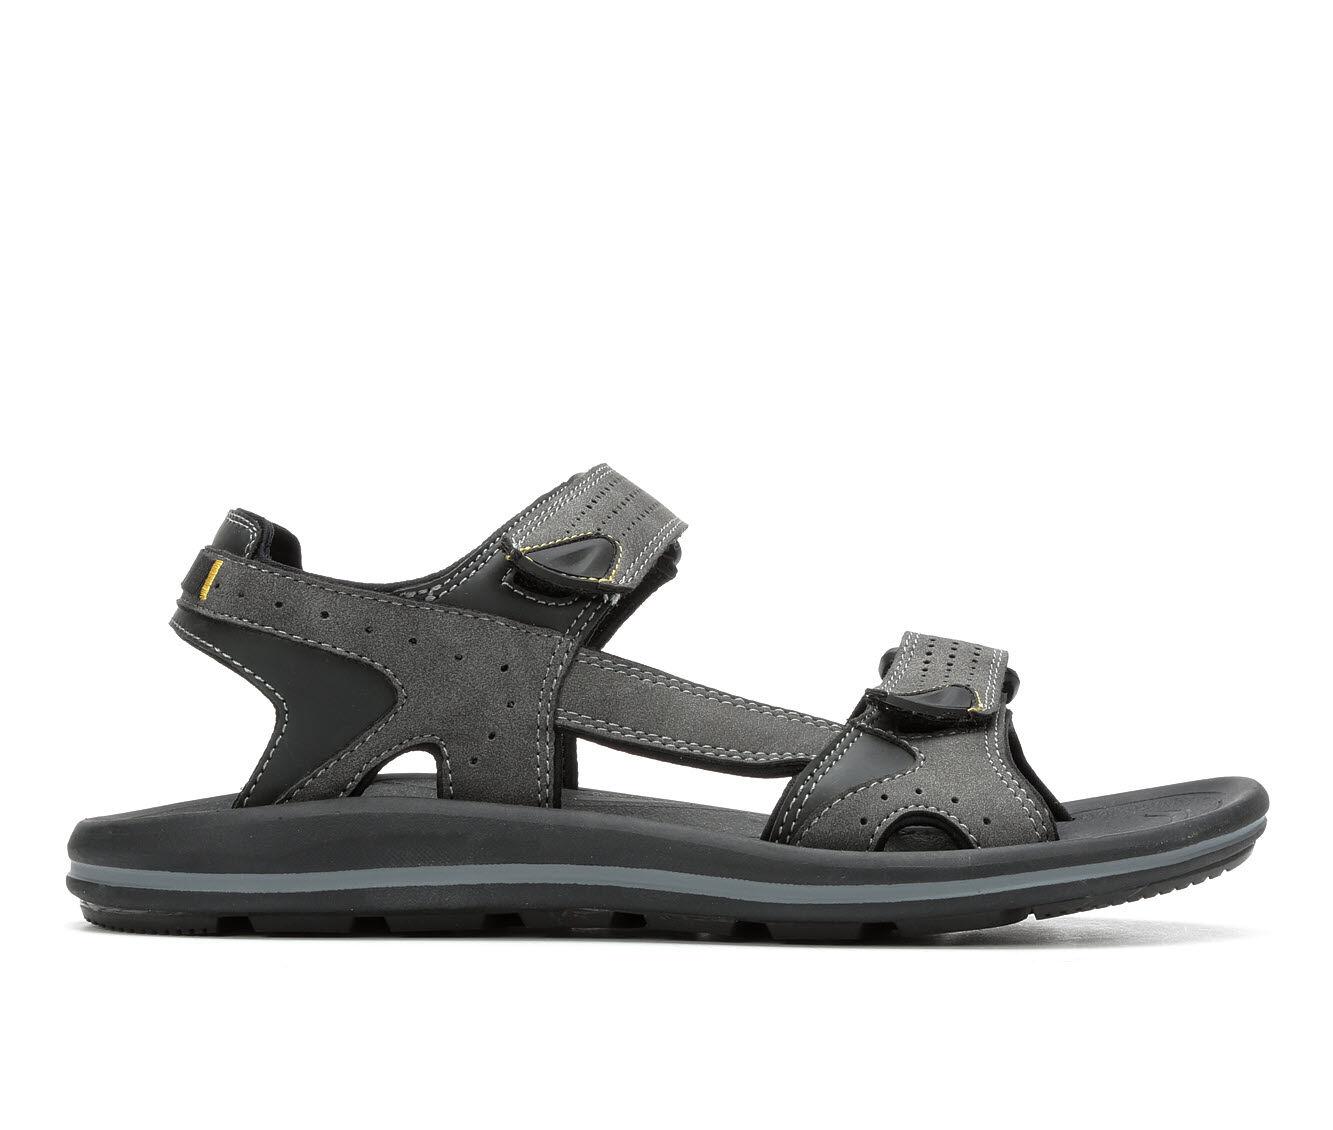 Men's Dockers Marrimac Outdoor Sandals Grey